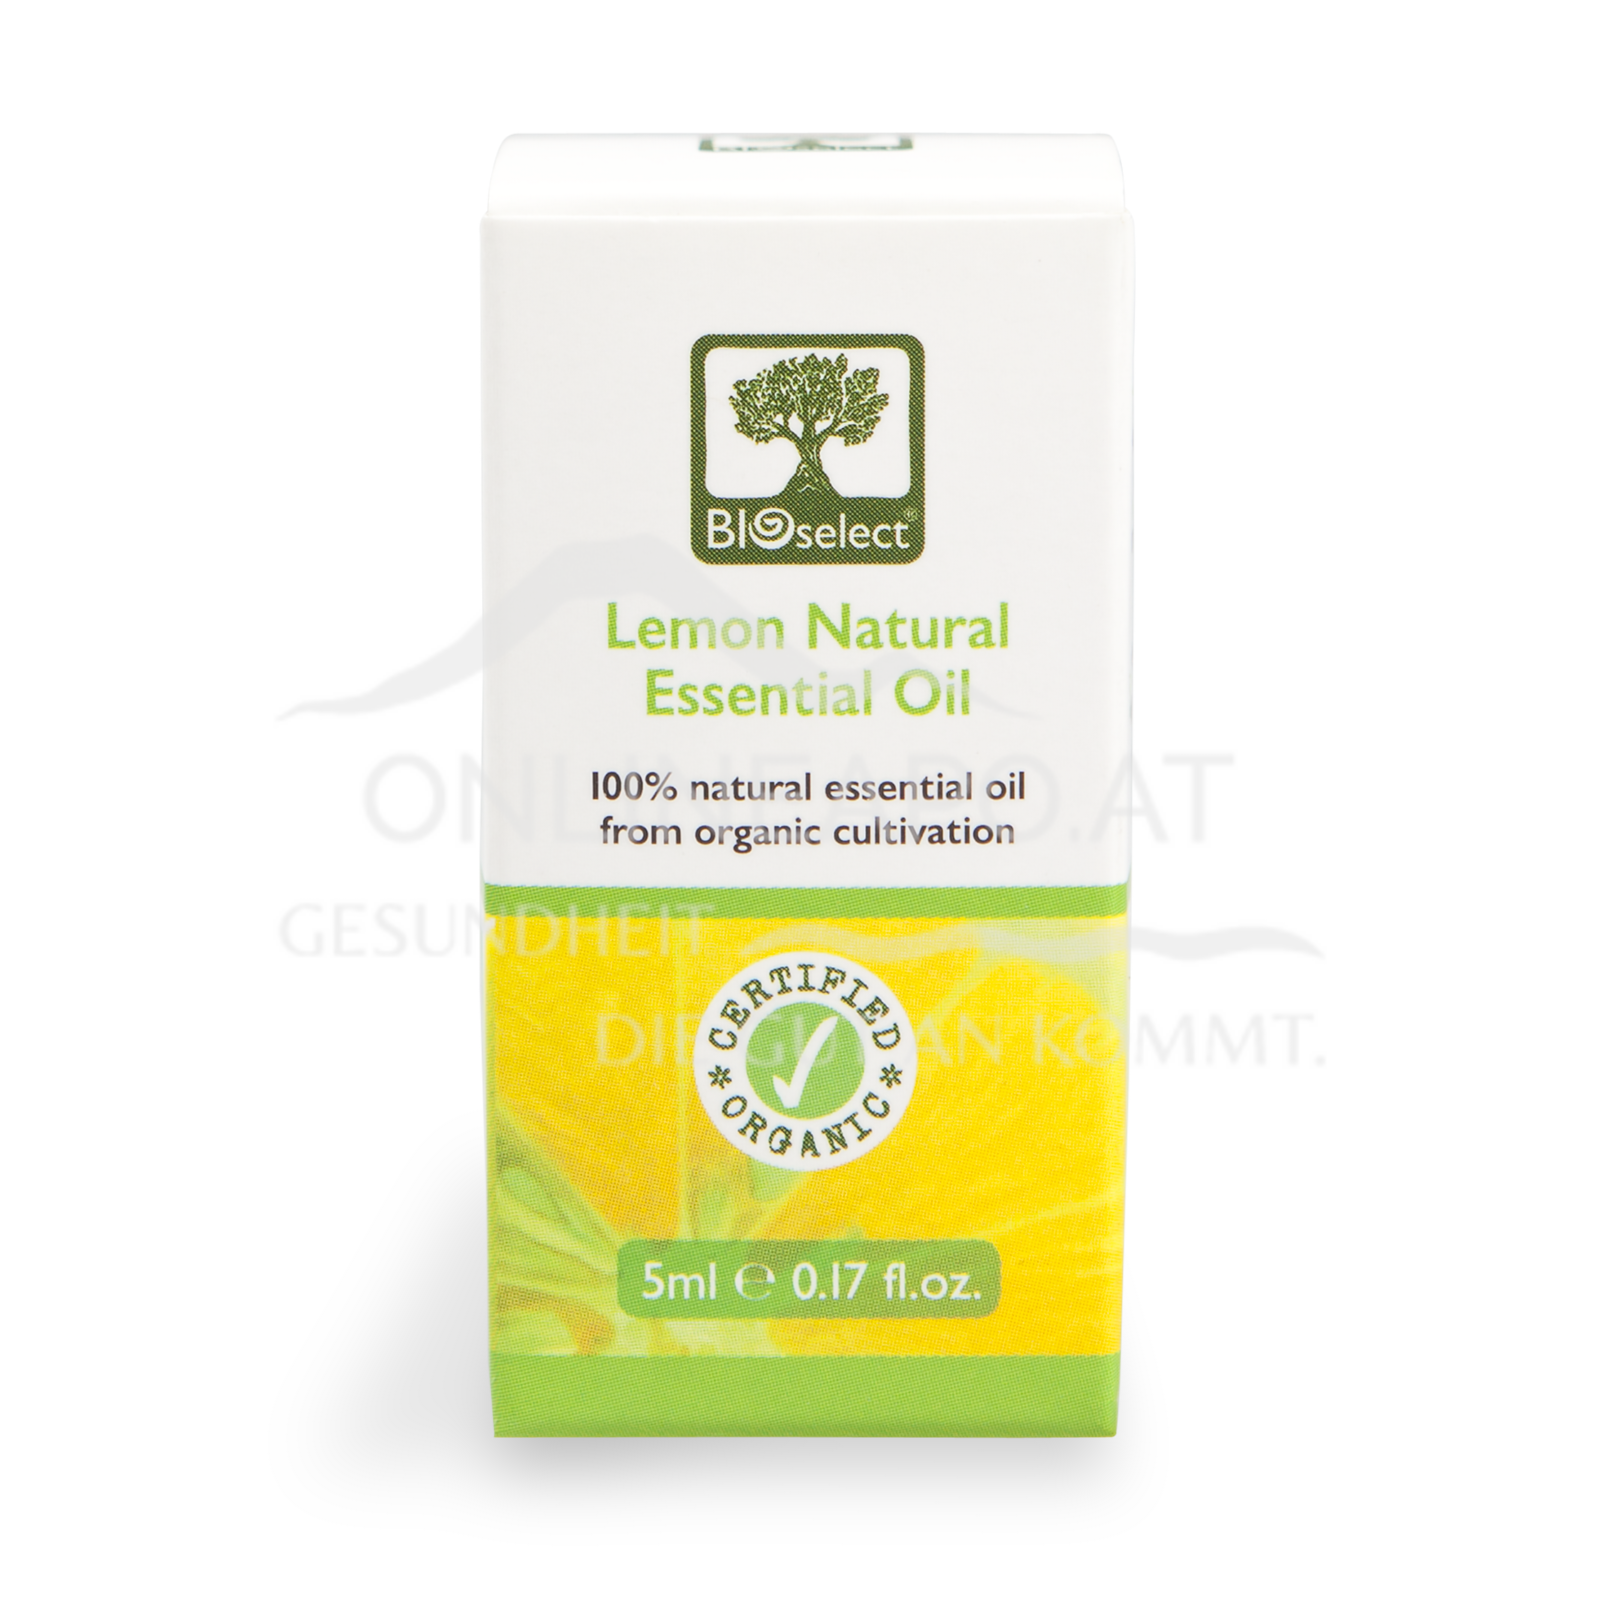 Bioselect Lemon Natural Essential Oil Certified Organic